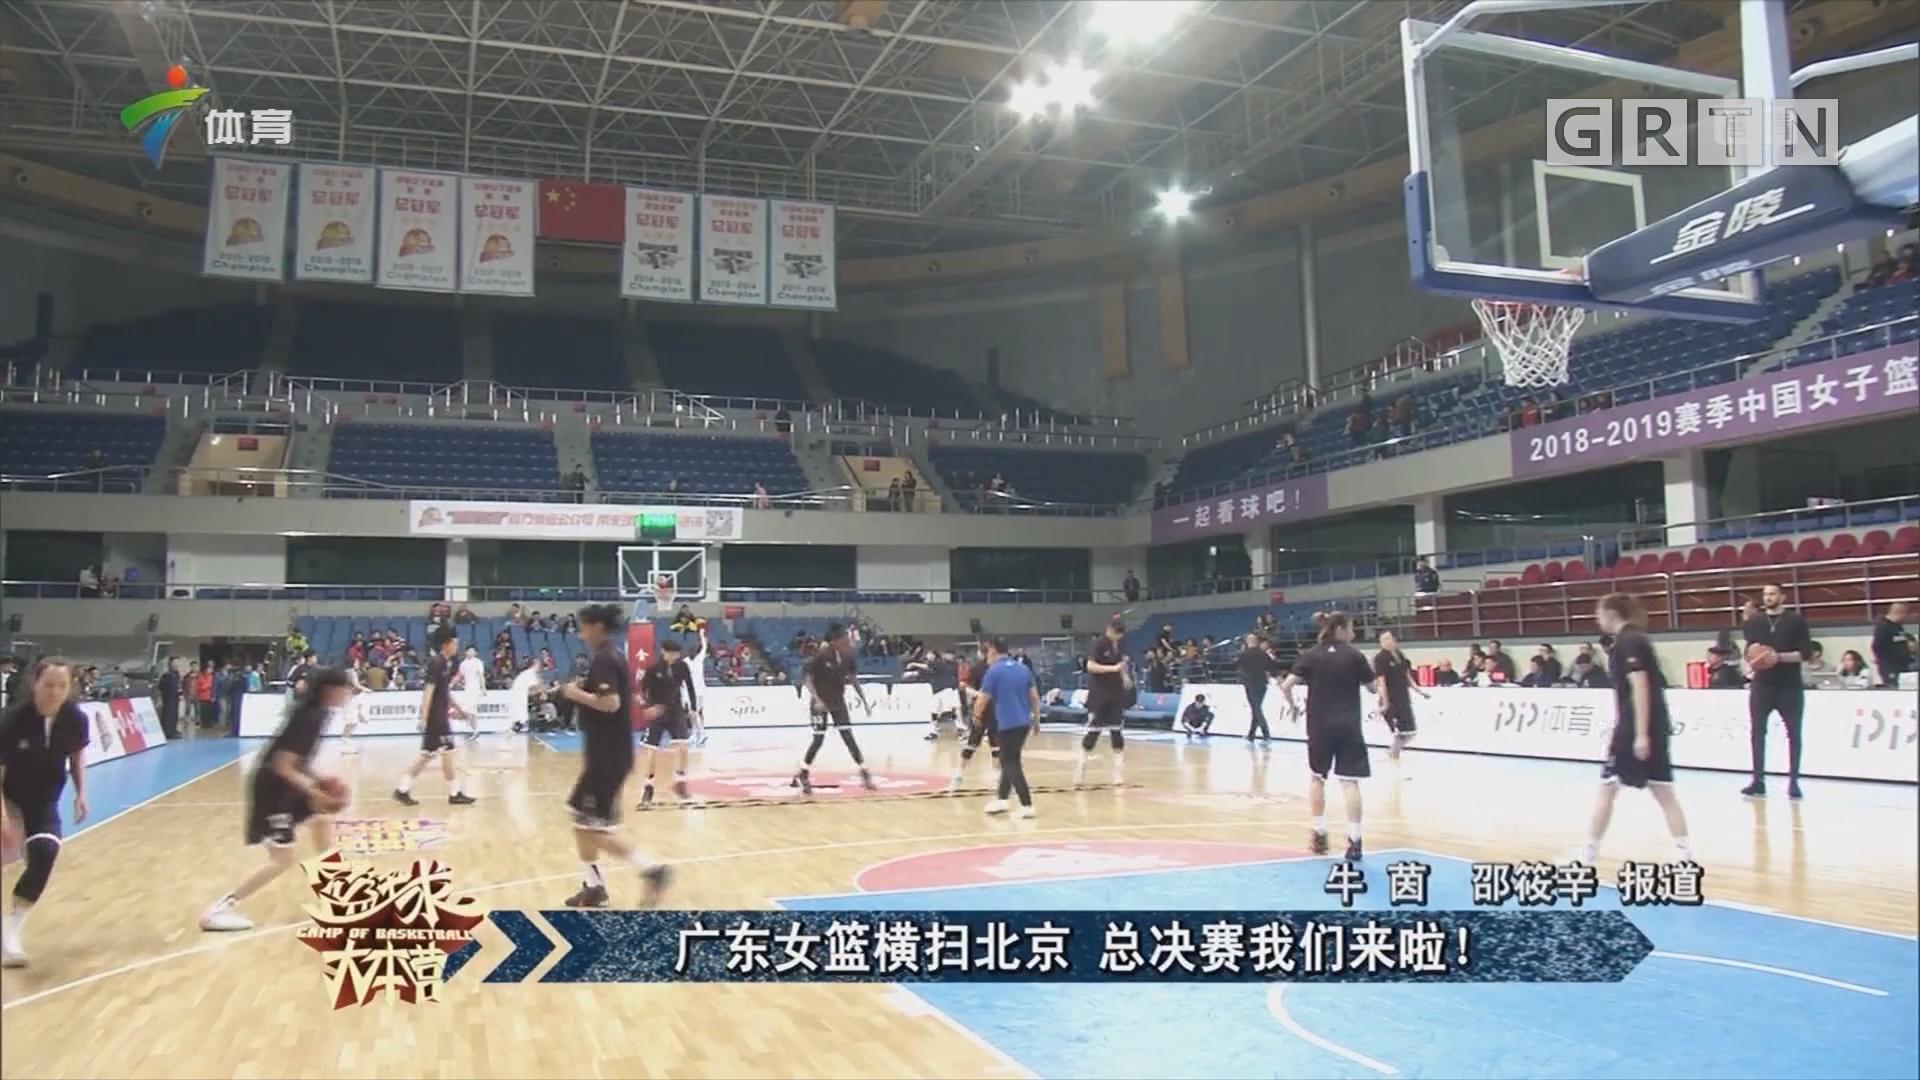 广东女篮横扫北京 总决赛我们来啦!